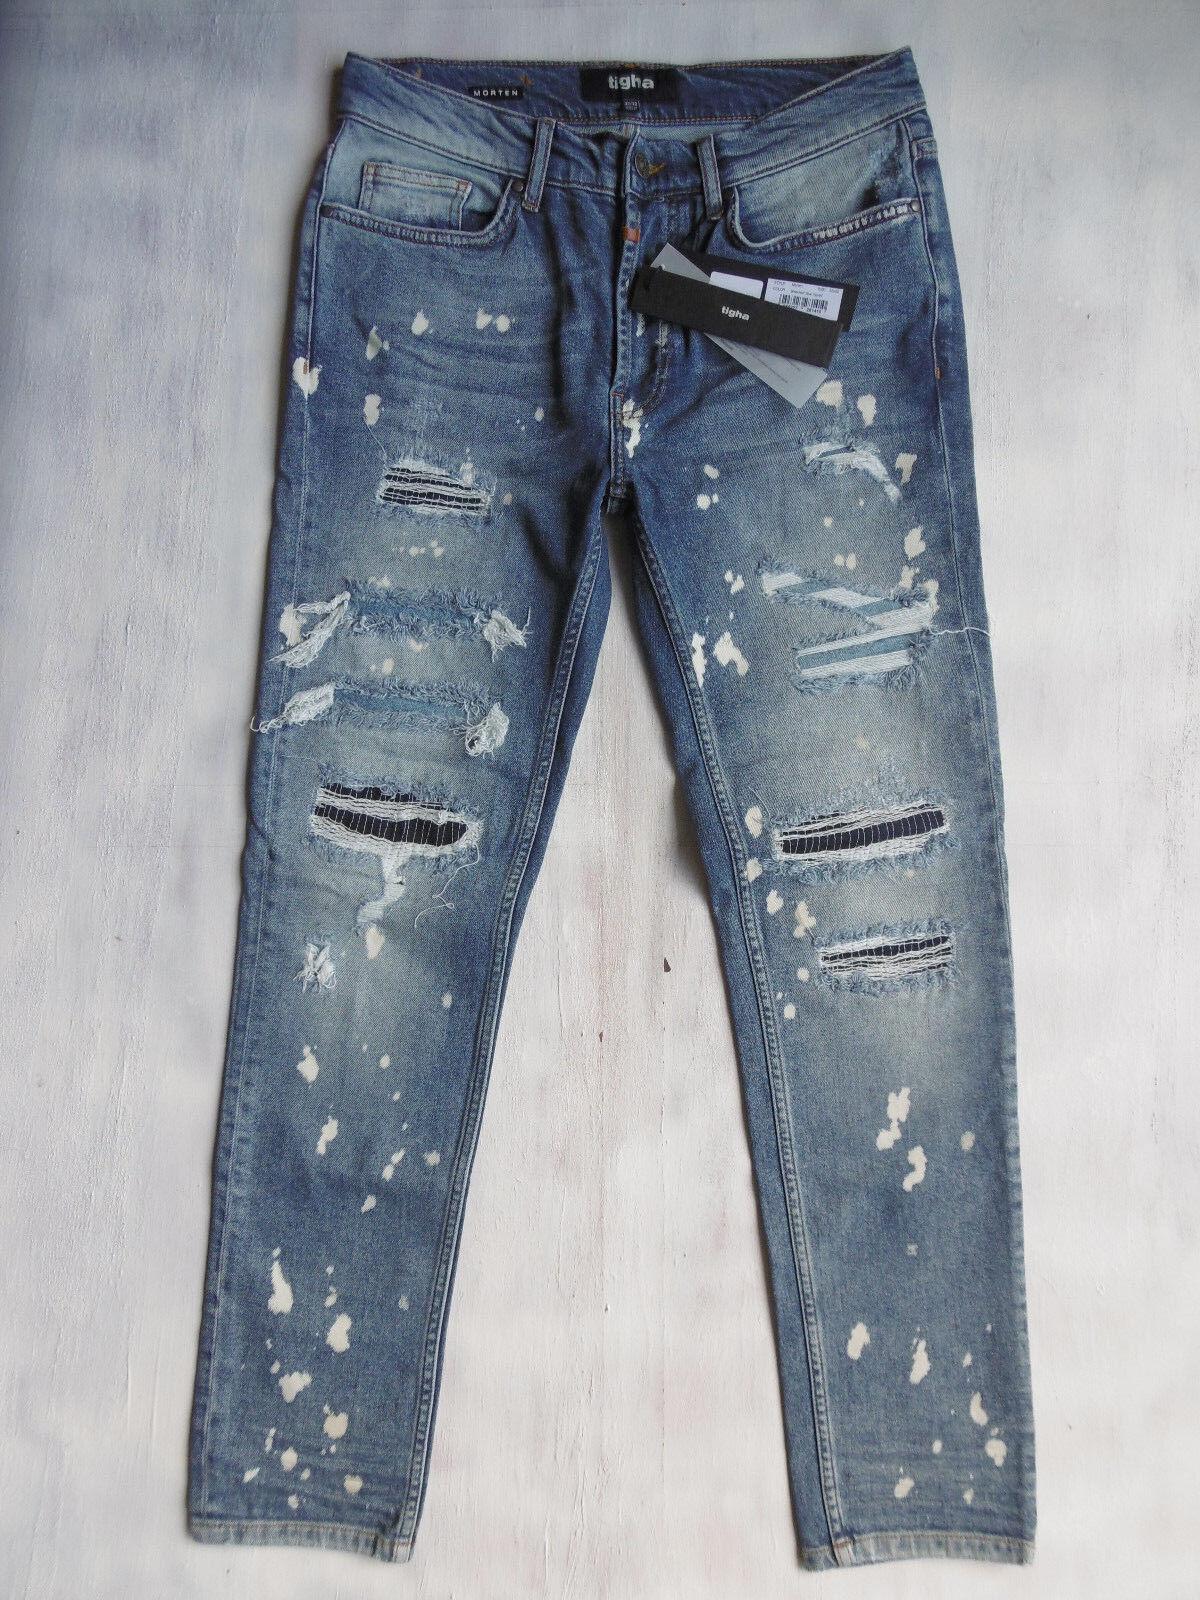 Tigha Morten Super slim Taperot Jeans Hose bleached Blau ripped W32 L32 Neu 15